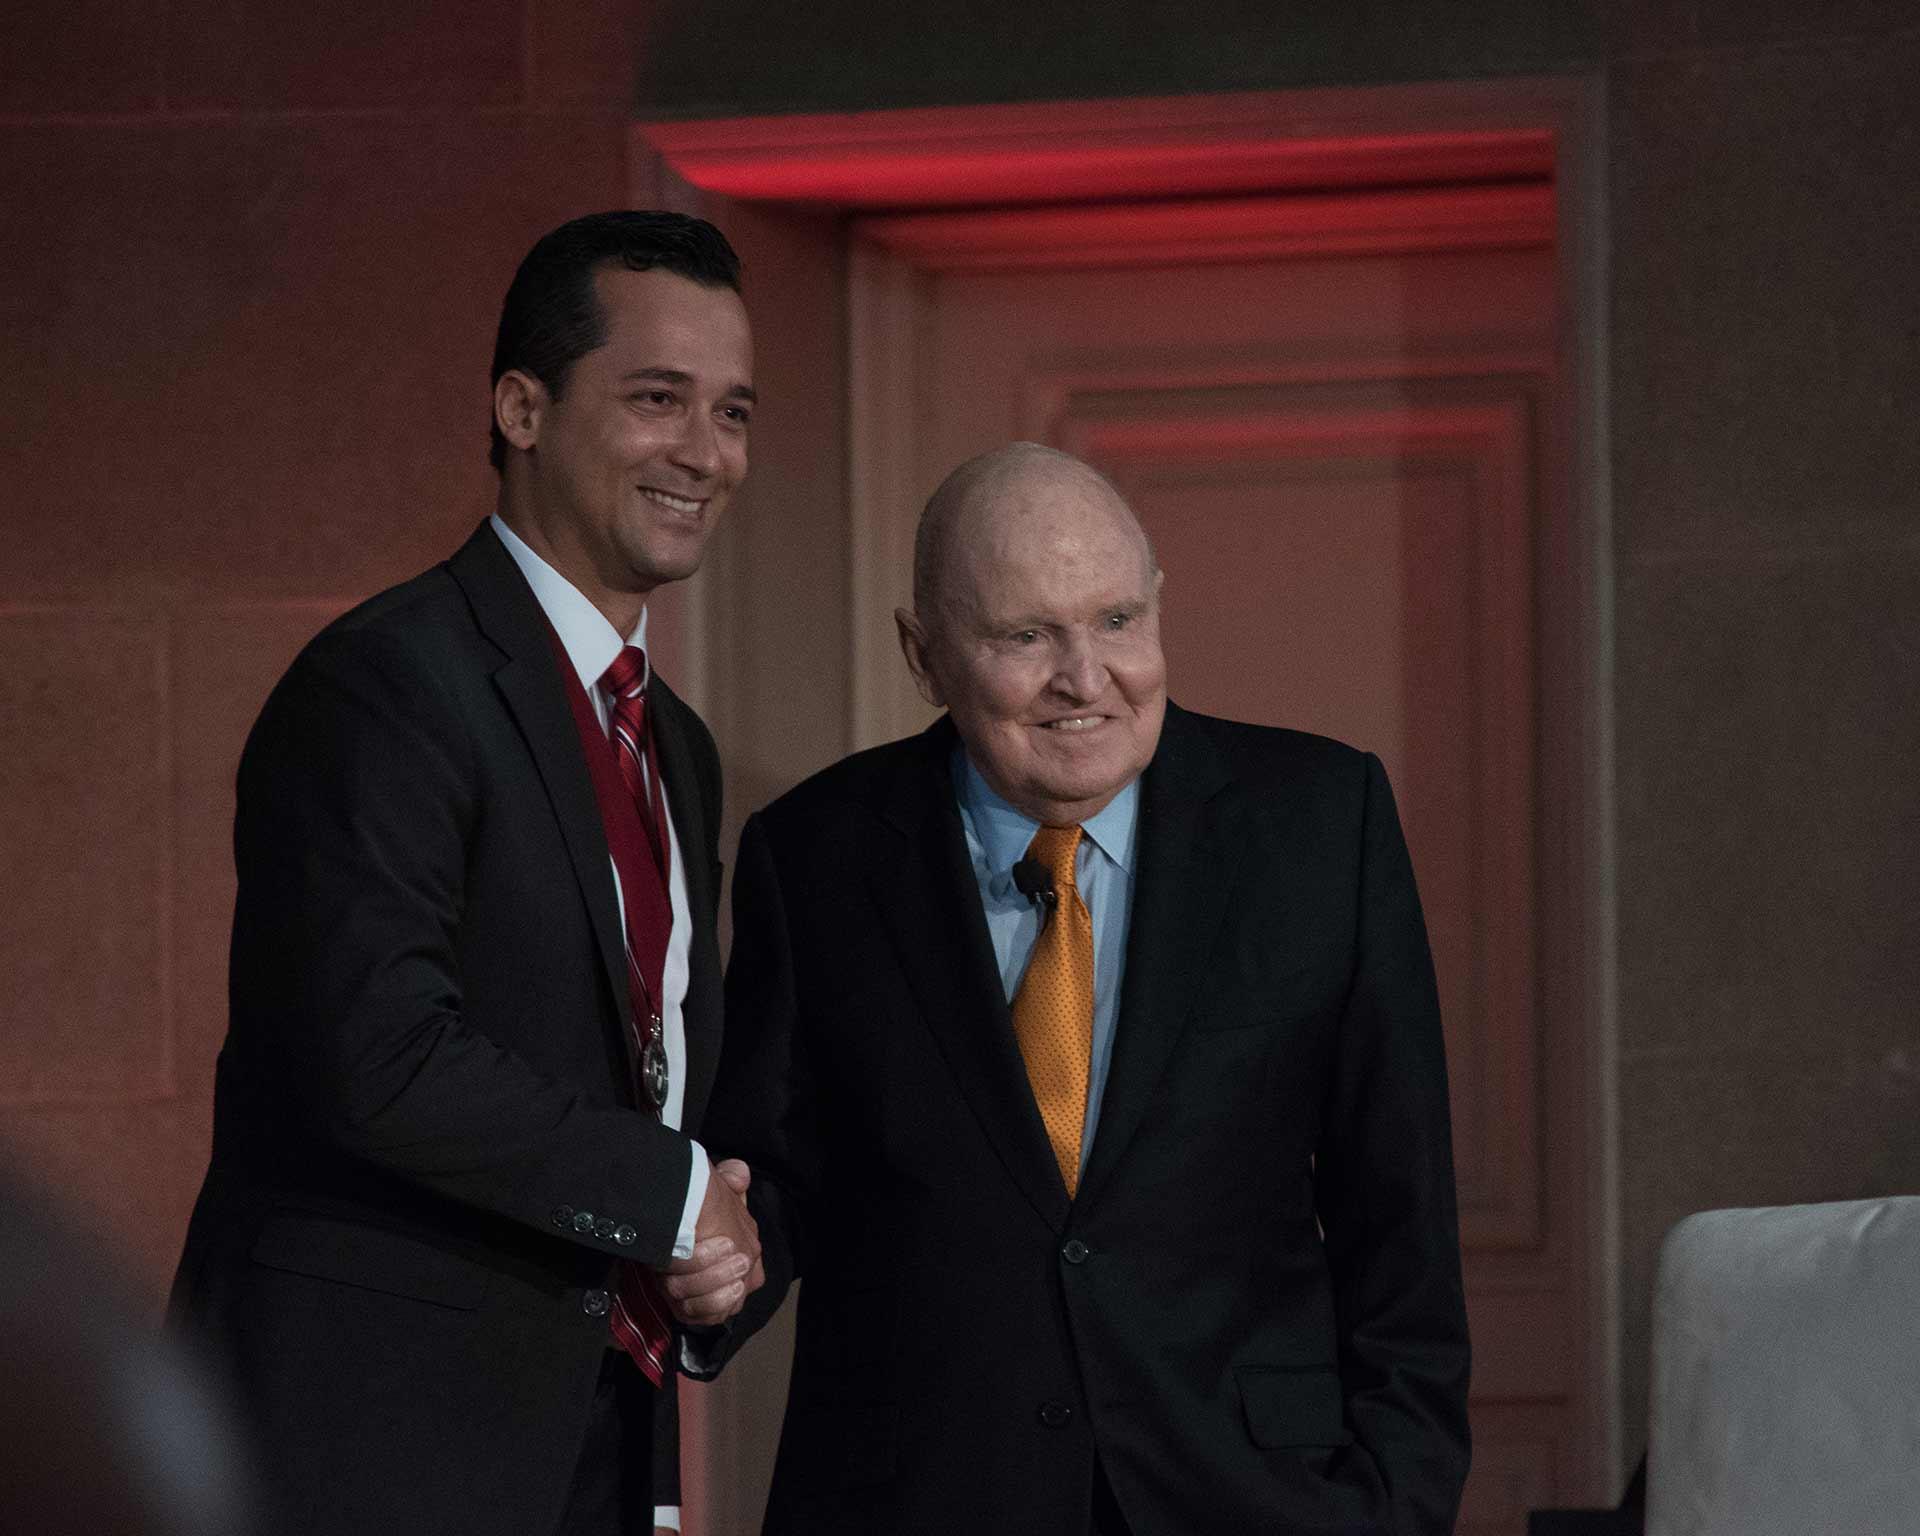 Luis Ferreira and Jack Welch